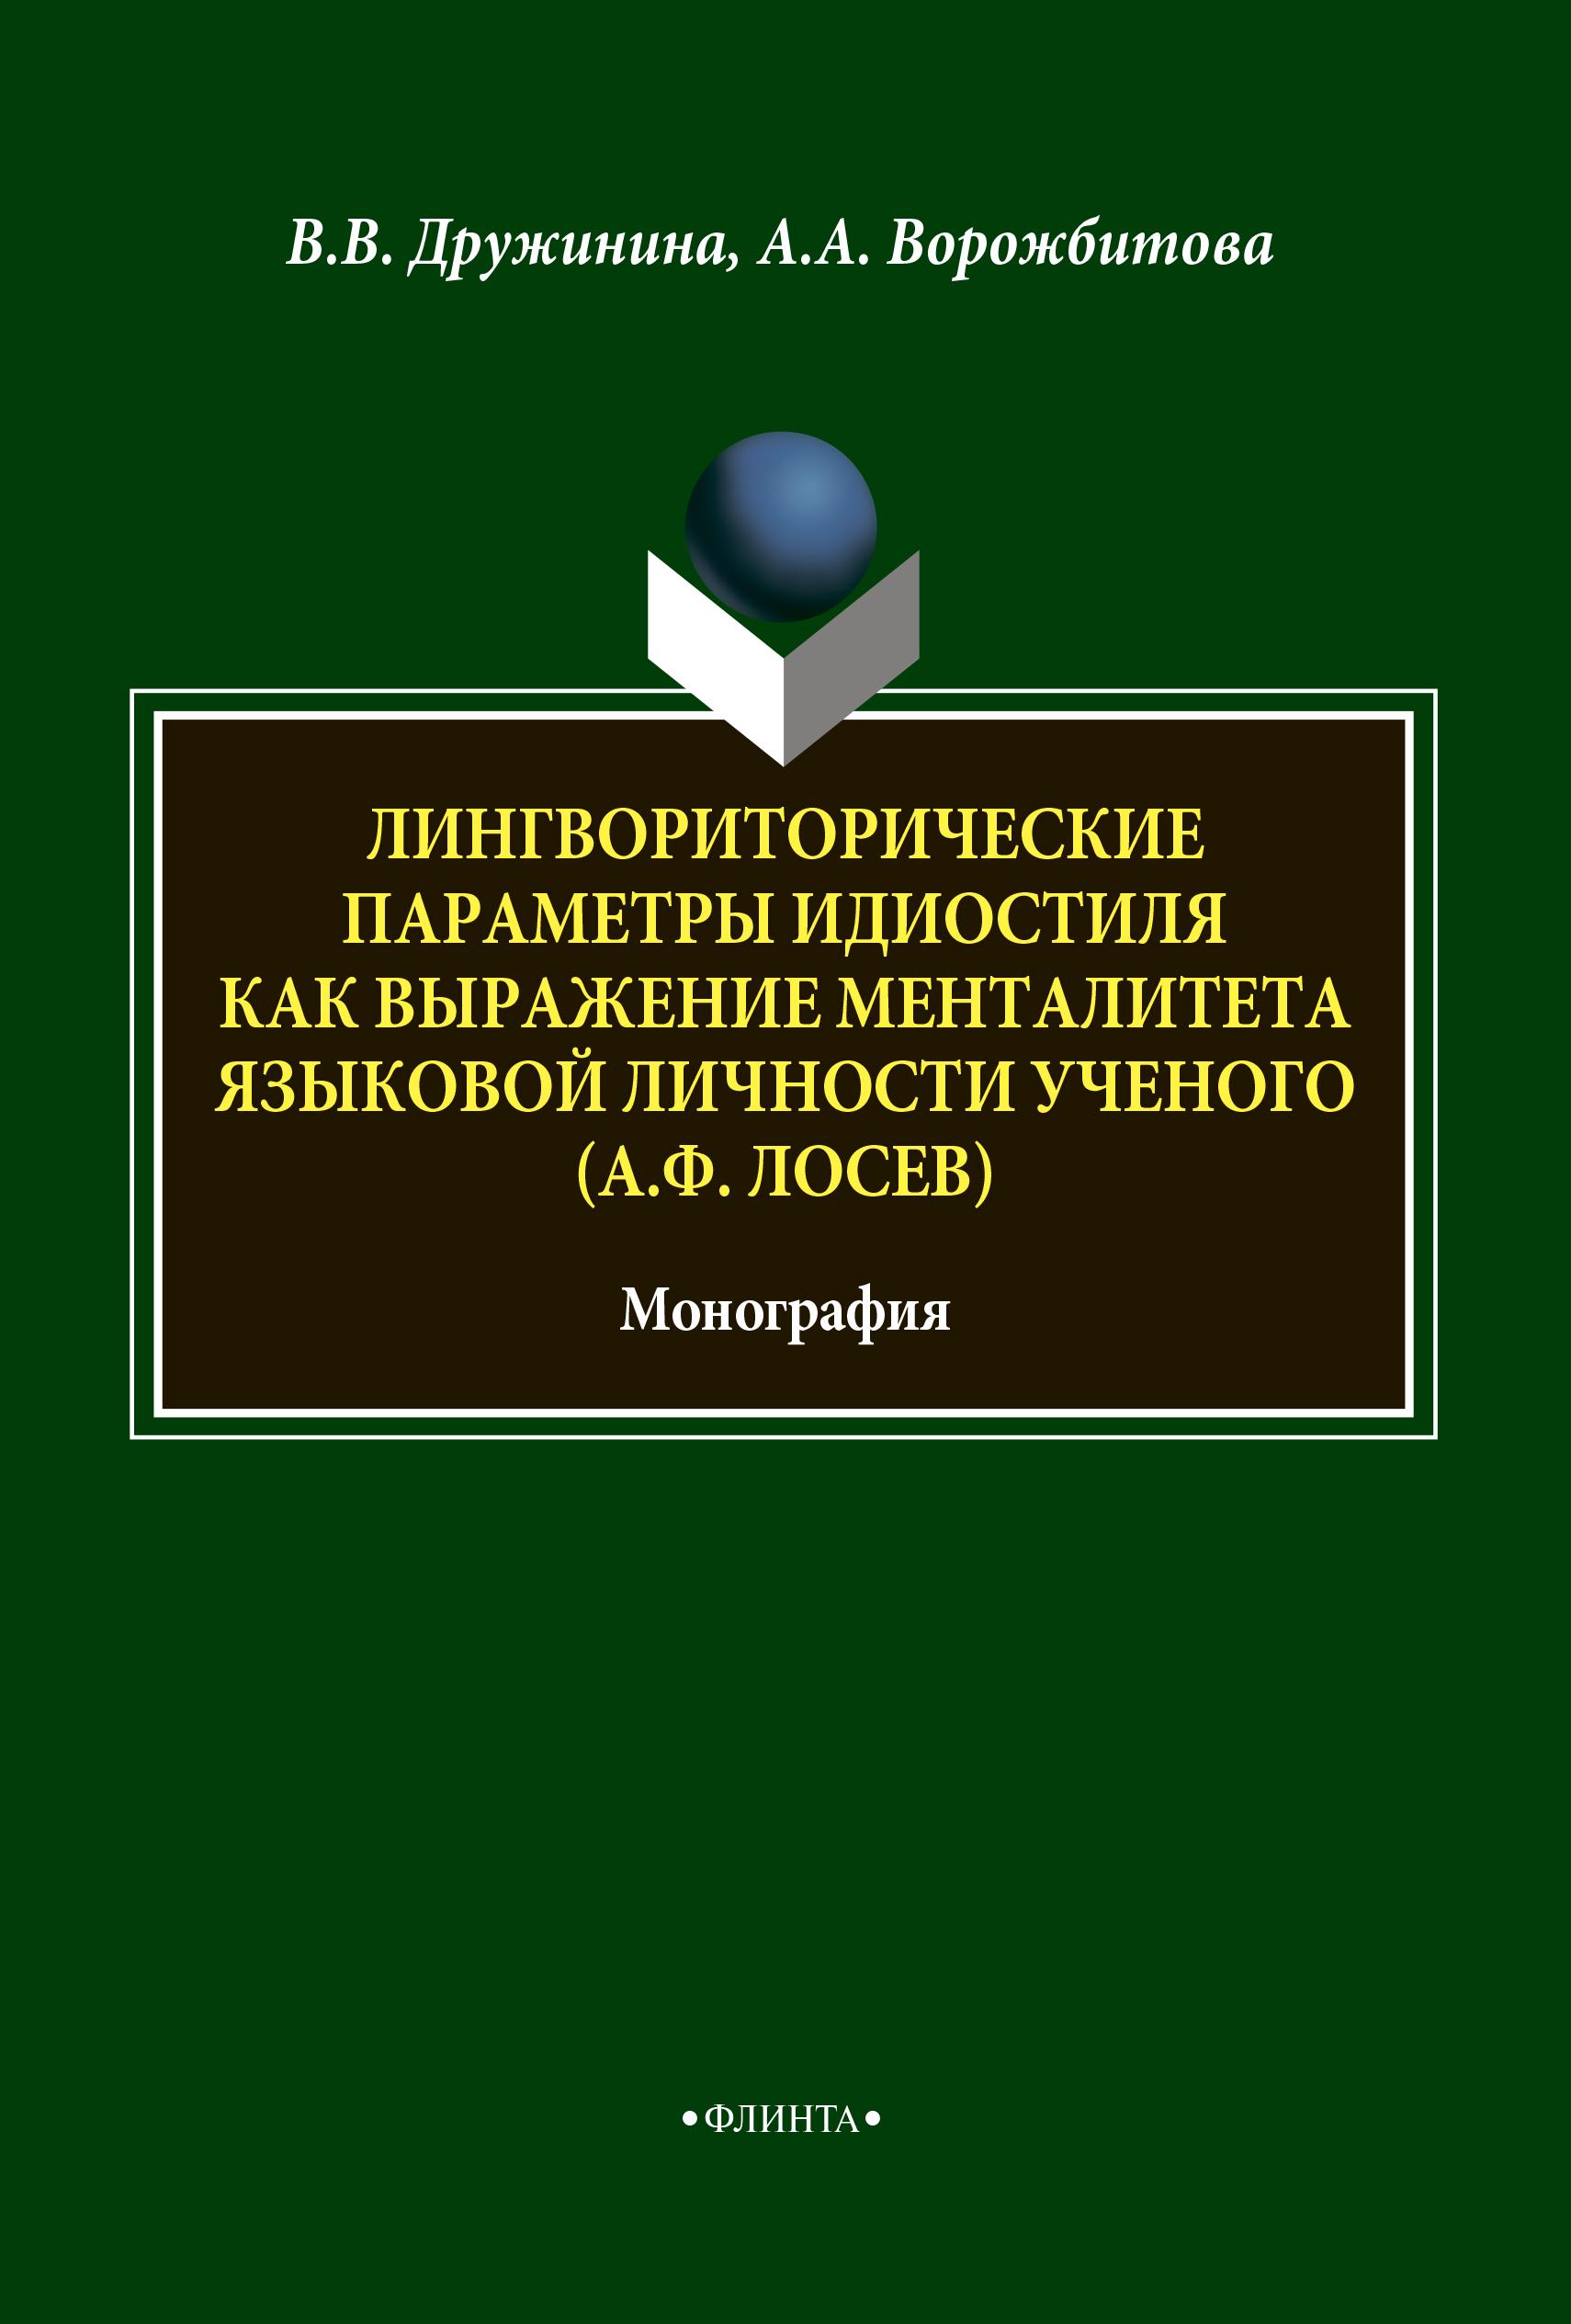 А. А. Ворожбитова / Лингвориторические параметры идиостиля как выражение менталитета языковой личности ученого (А. Ф. Лосев)